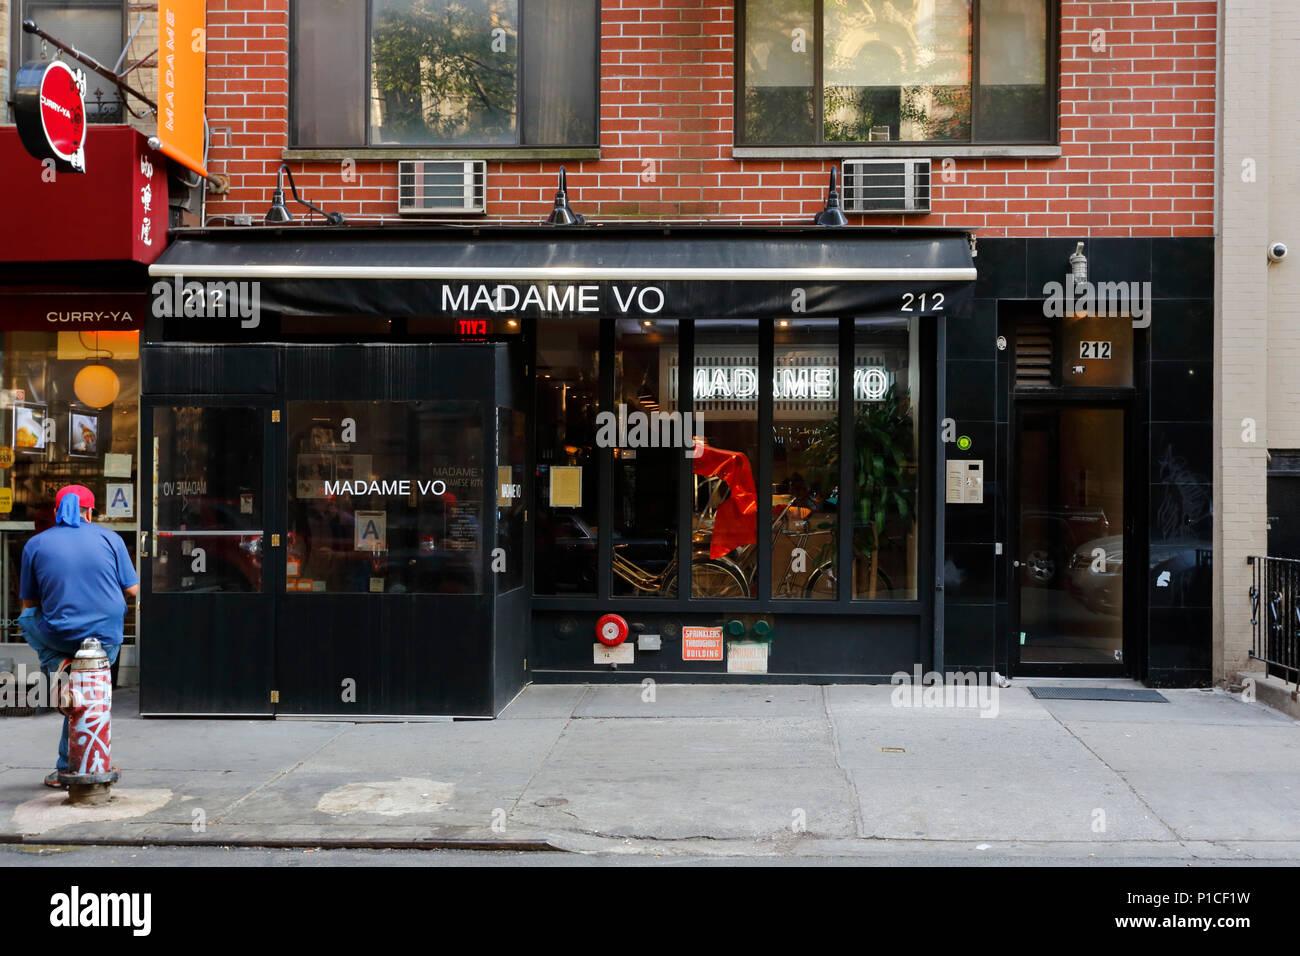 Madame Vo, 212 E 10th St, New York, NY - Stock Image